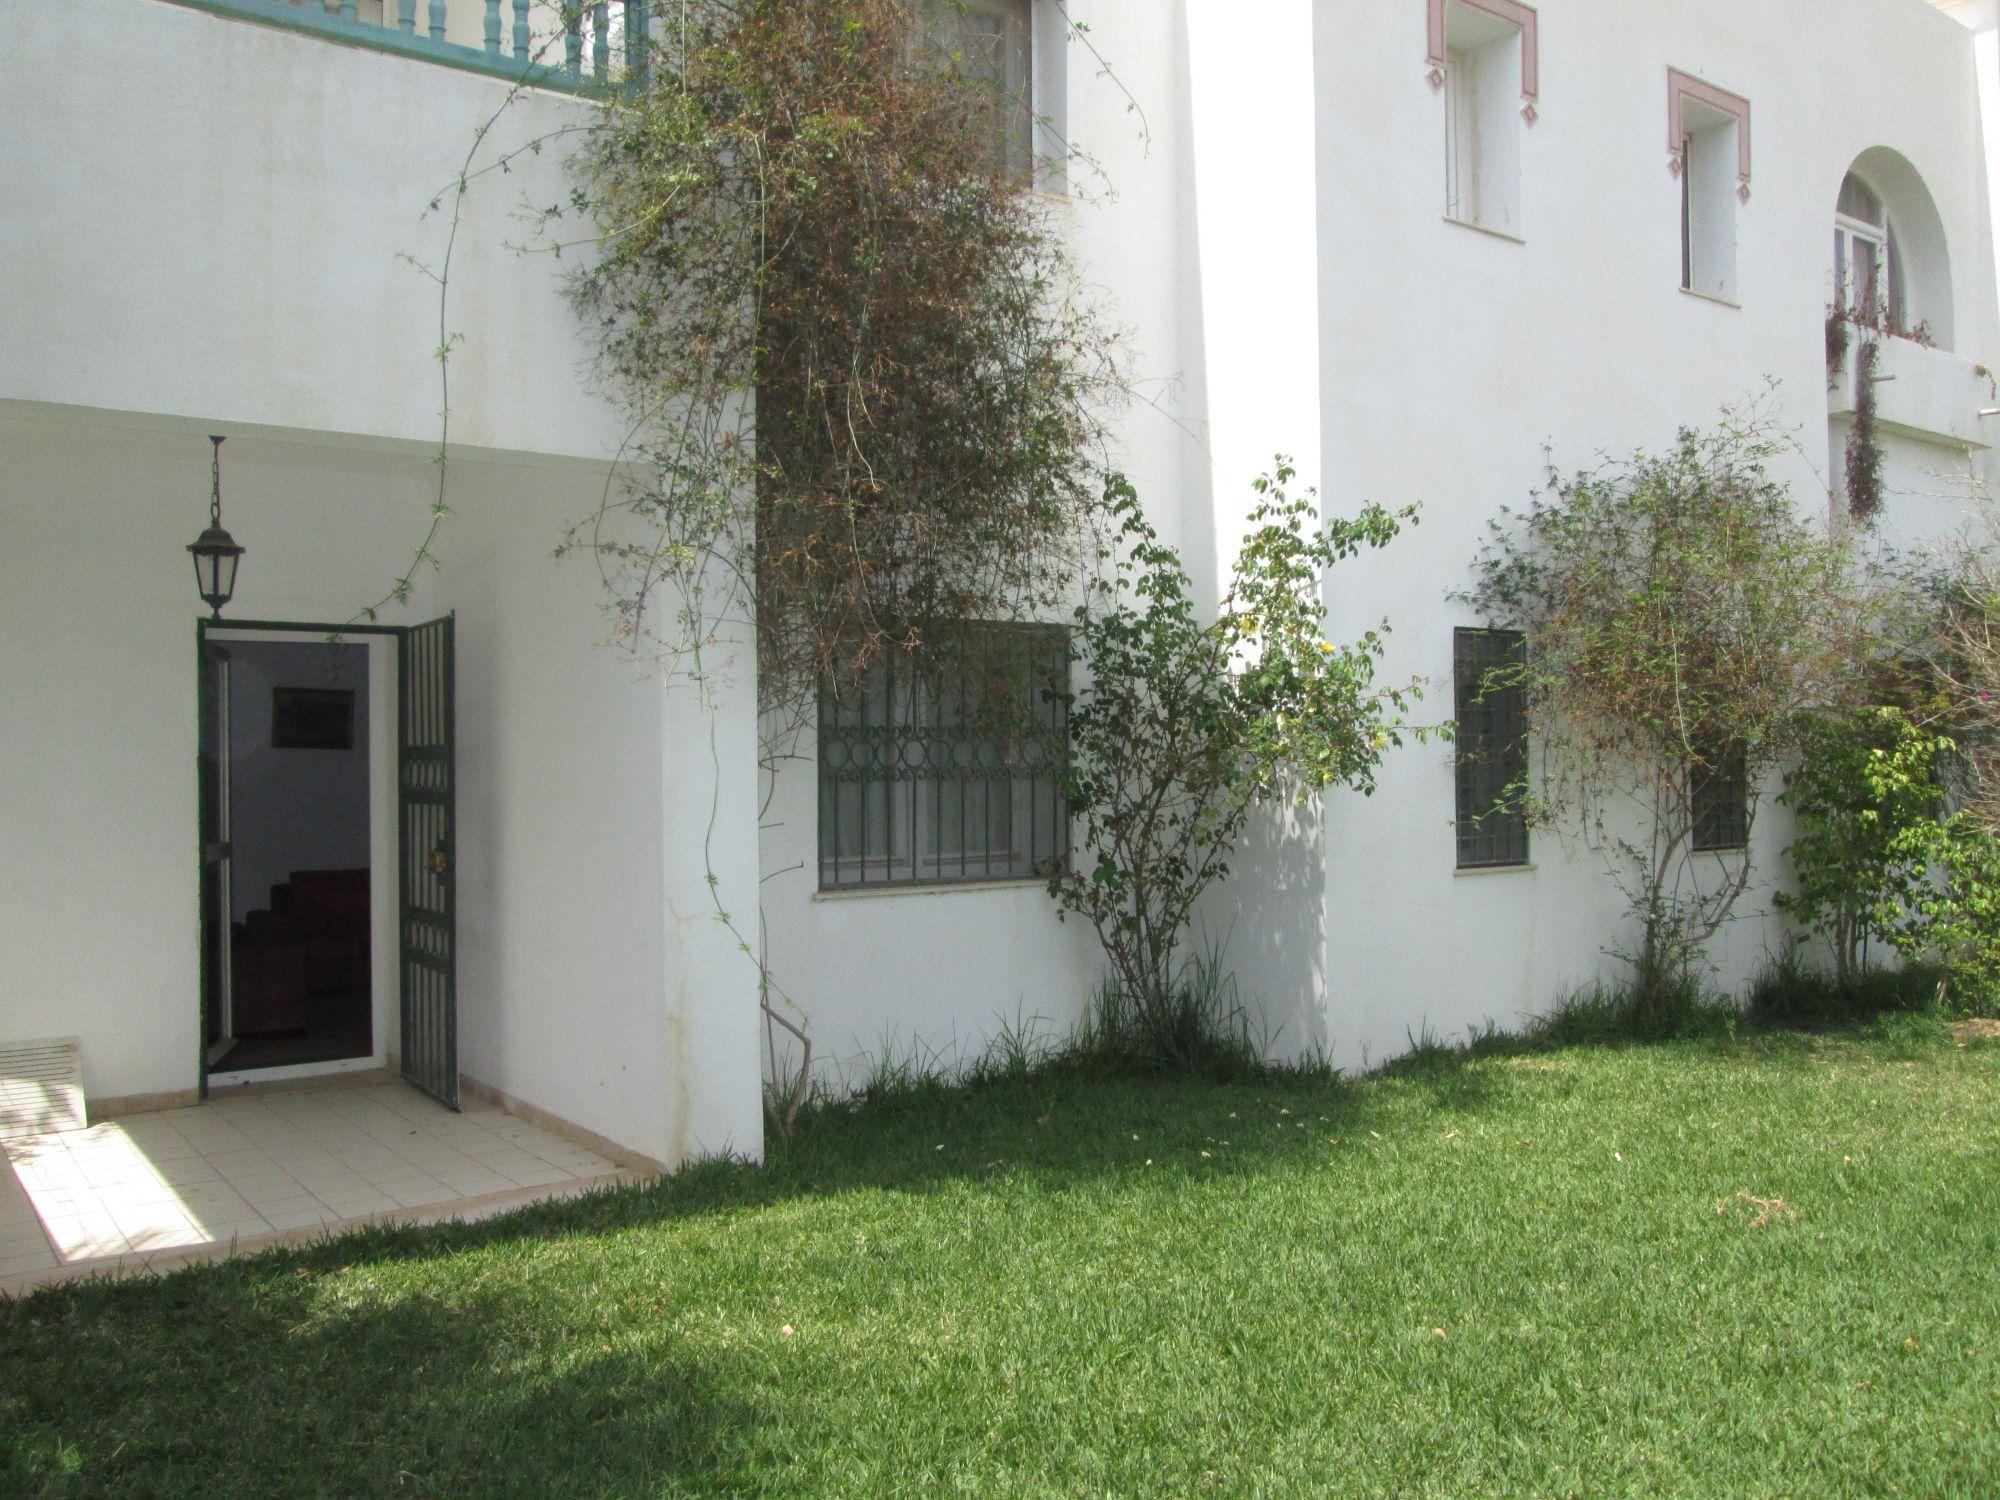 Appartement s 2 avec jardin hammamet sud vente for Appartement avec jardin